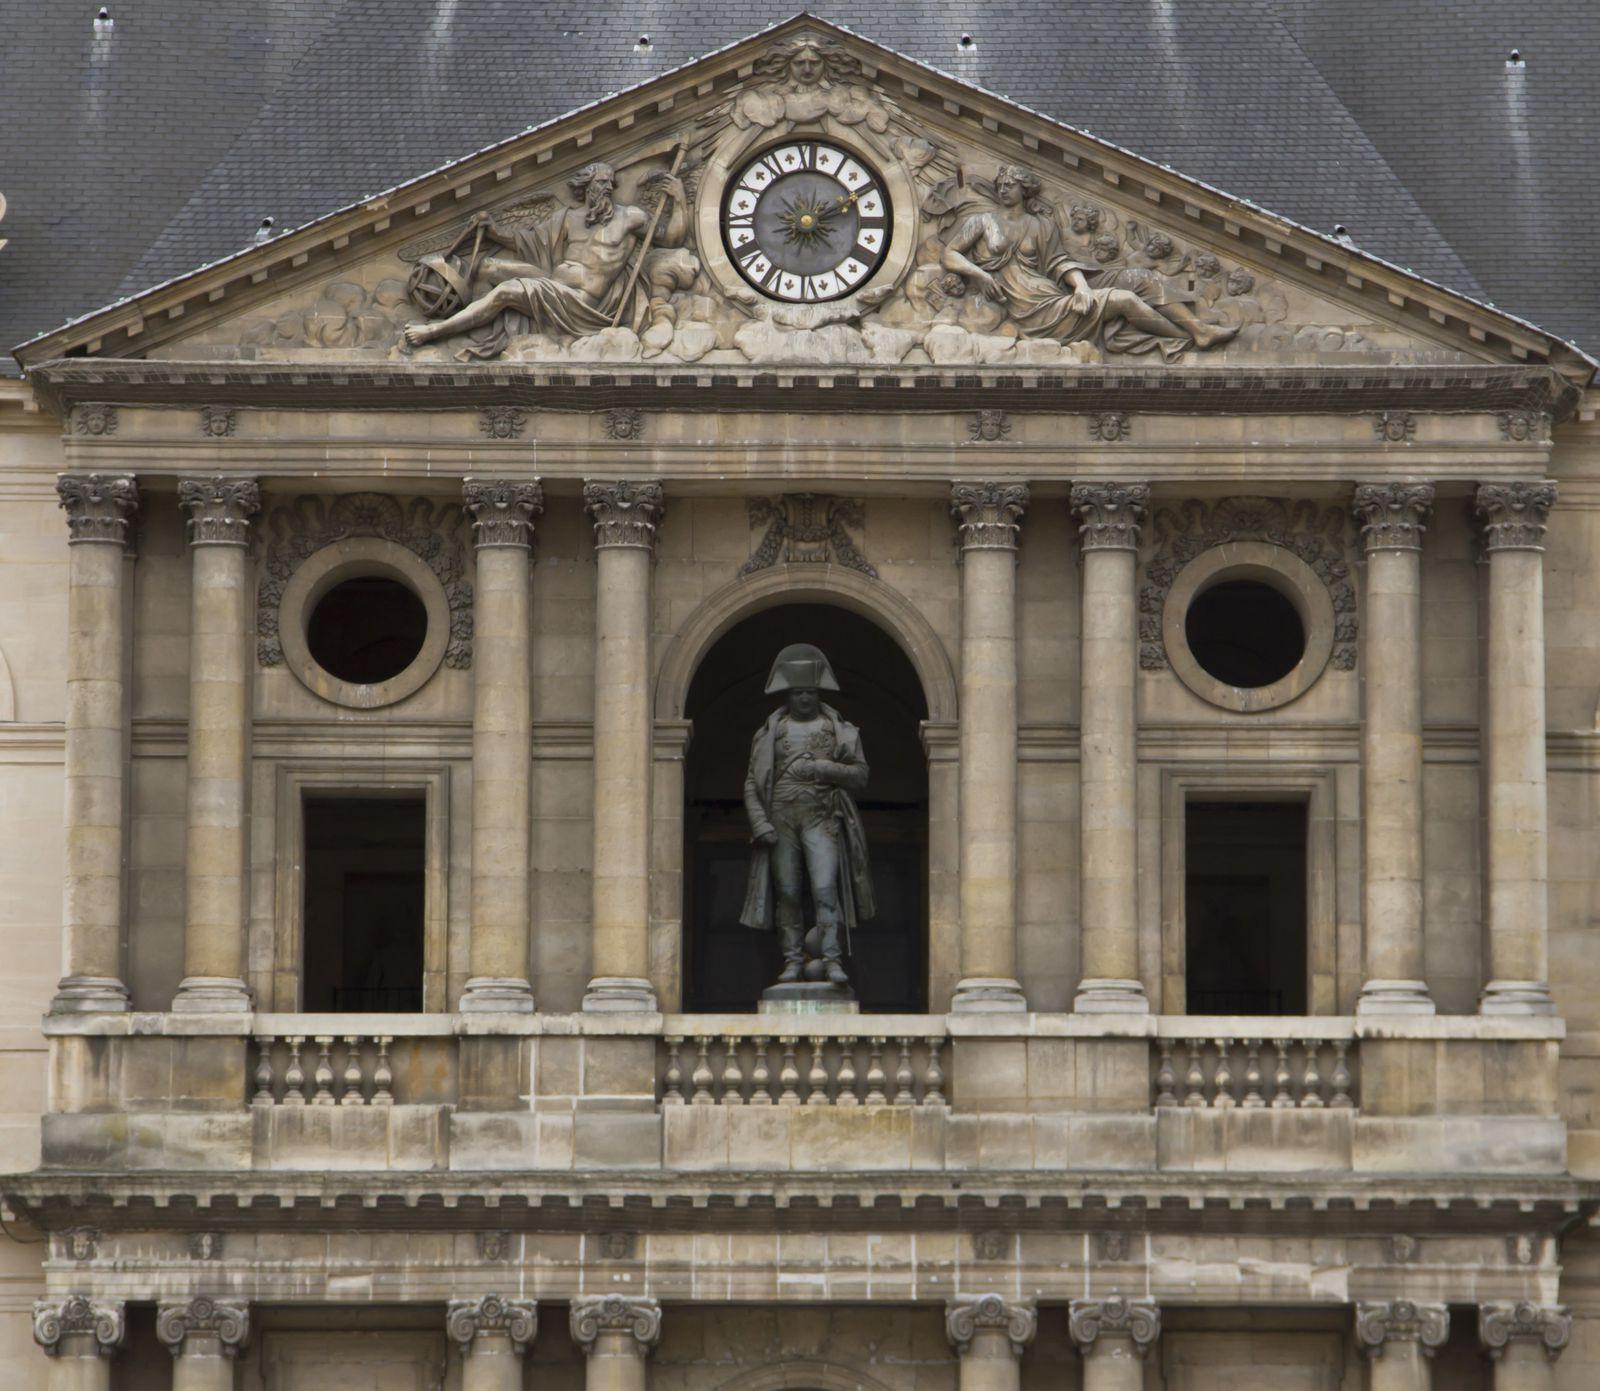 La cour d'honneur, le dôme et la statue dédiée à Napoléon, la nef de l'église dans laquelle se trouve les drapeaux pris à l'ennemi.